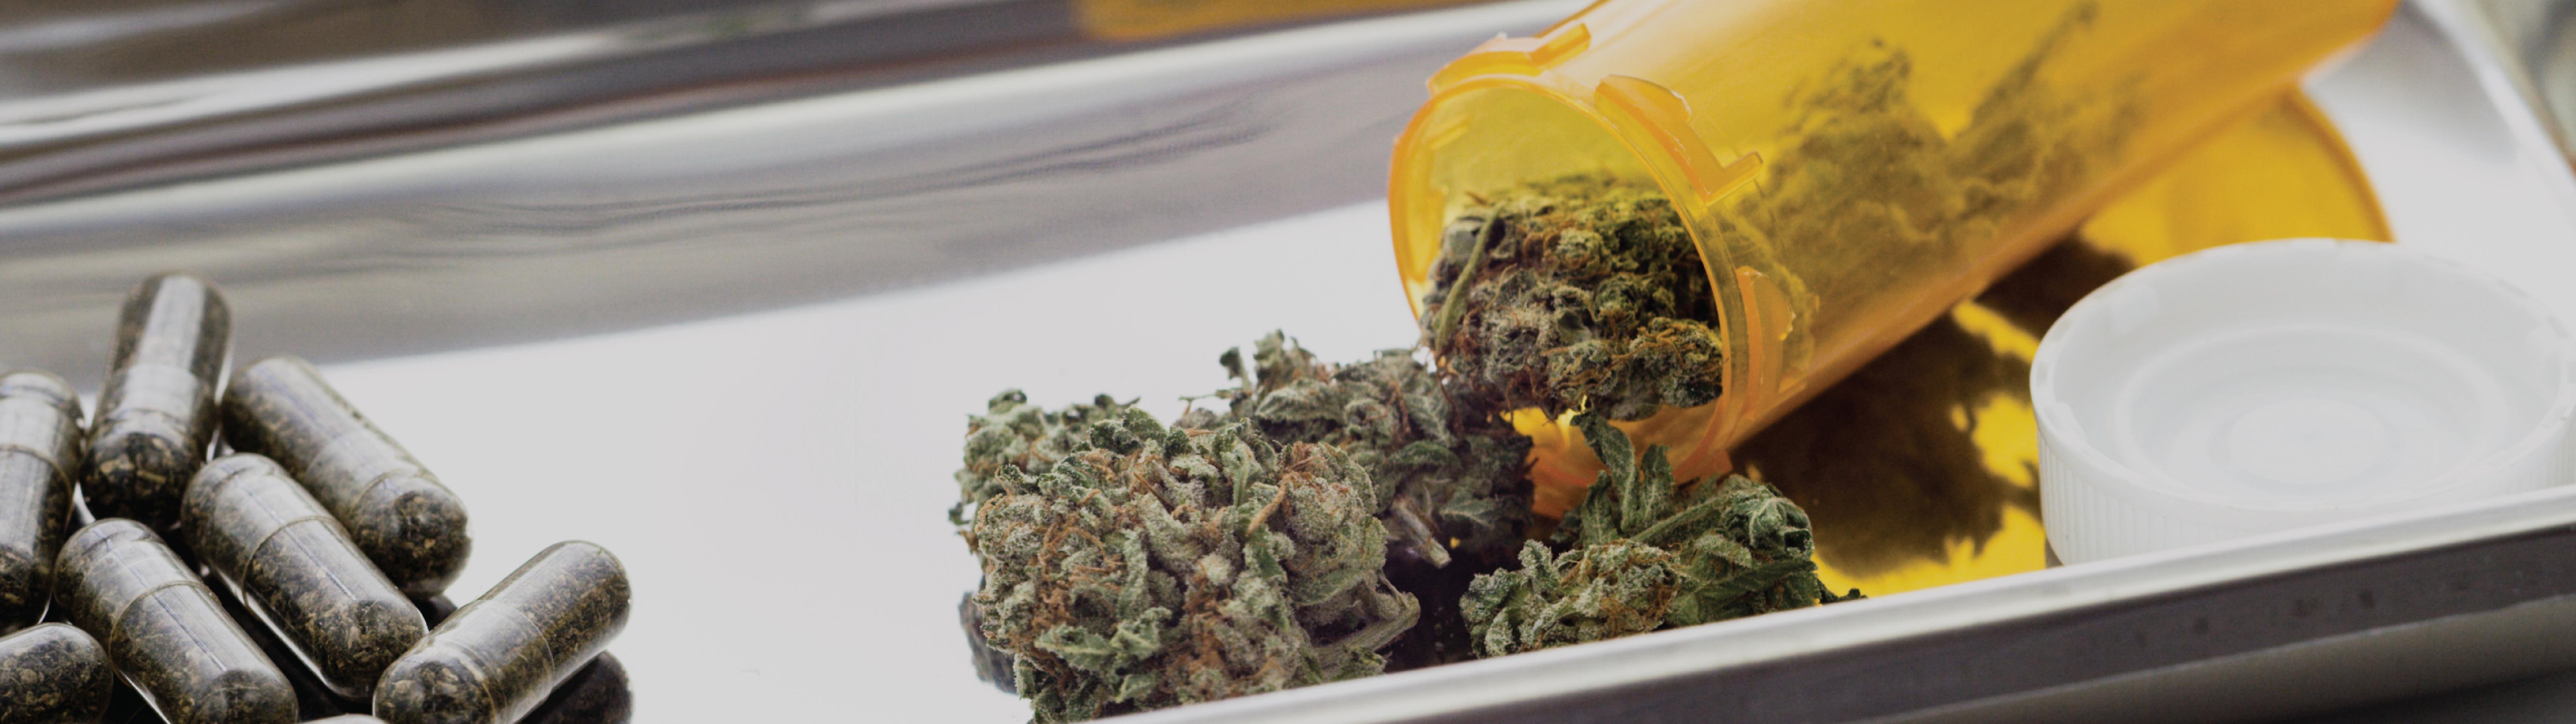 Cannabis Testing Banner-01-01